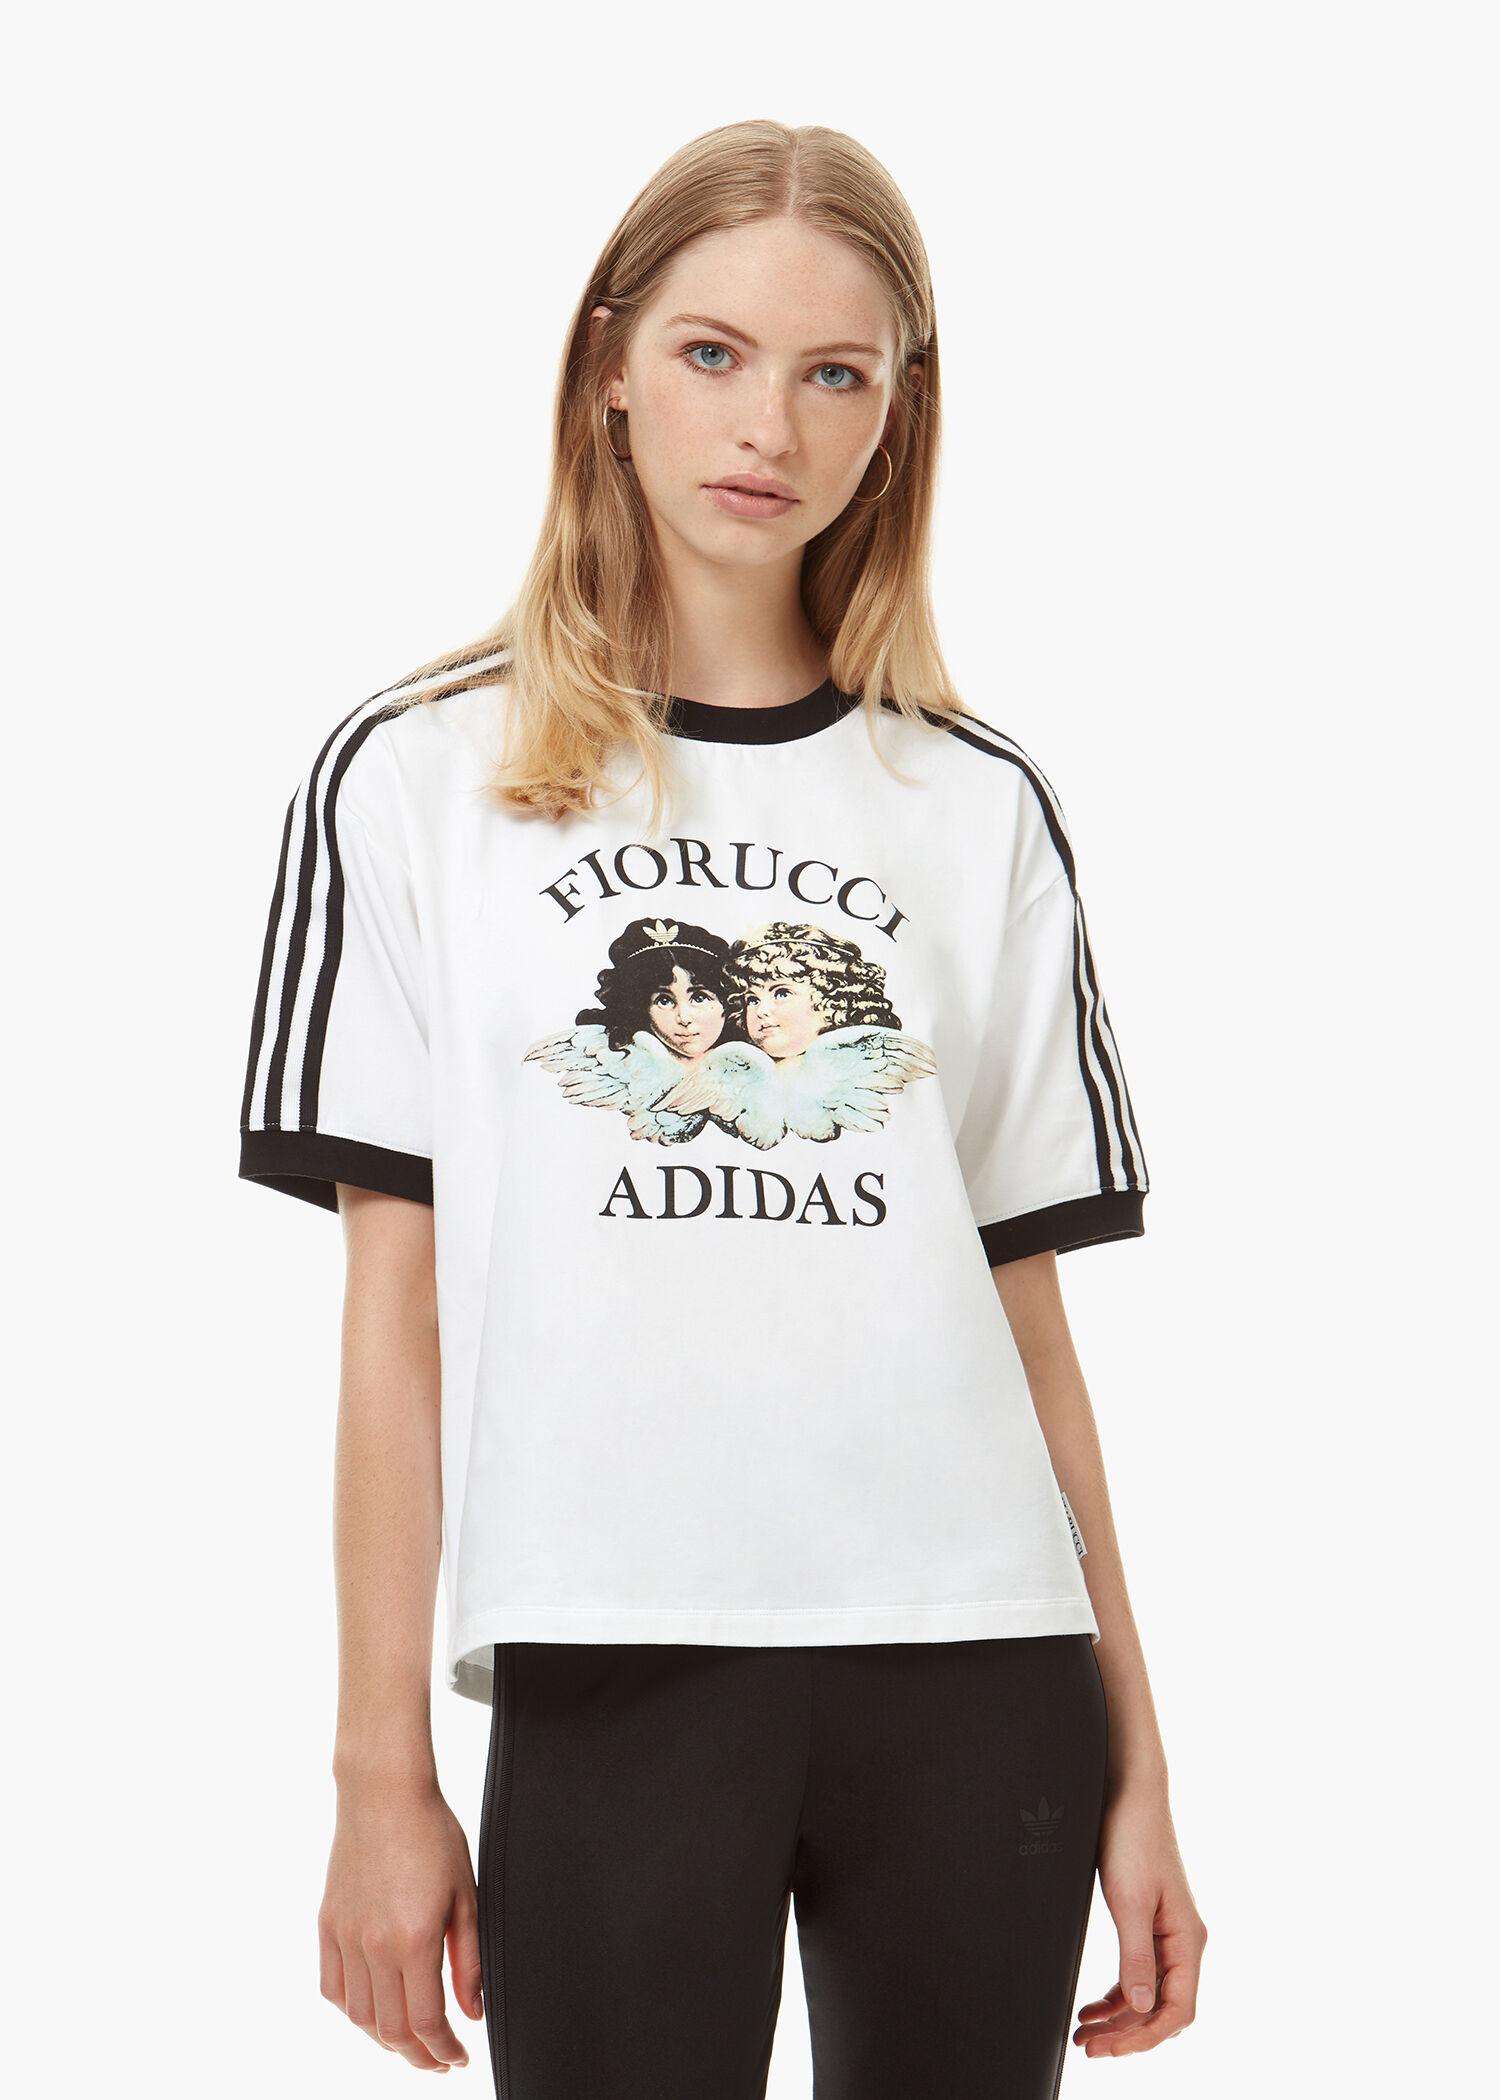 adidas Originals Tape T Shirt | JD Sports Sverige